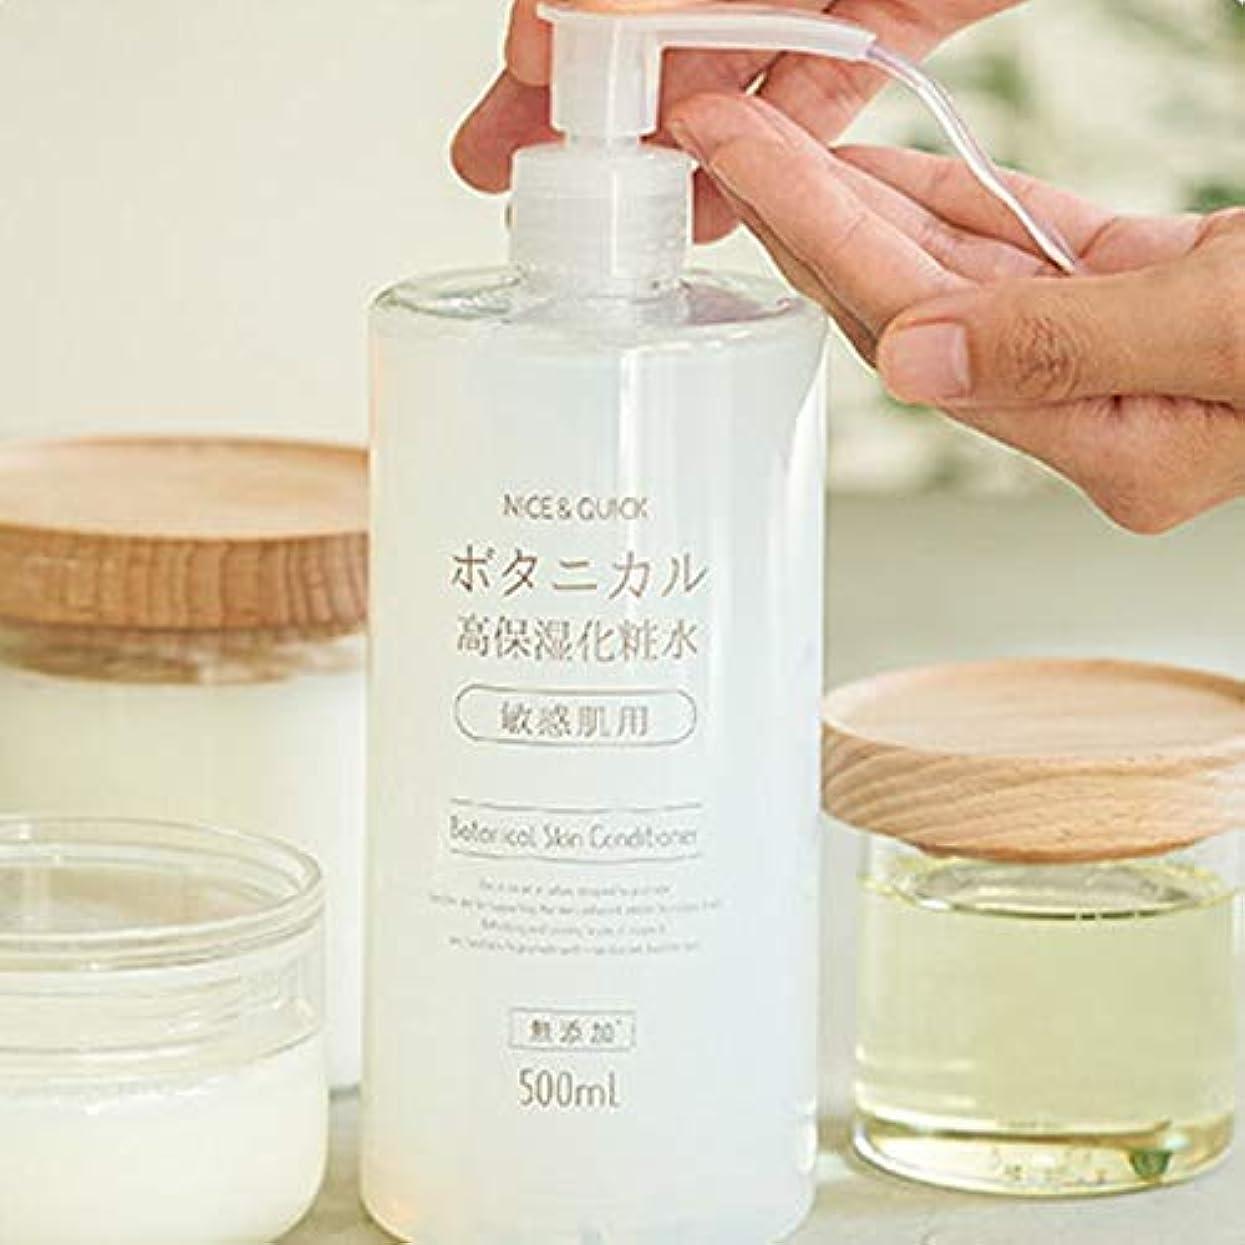 商人ビジネス購入ナイス&クイック ボタニカル高保湿化粧水 500mL